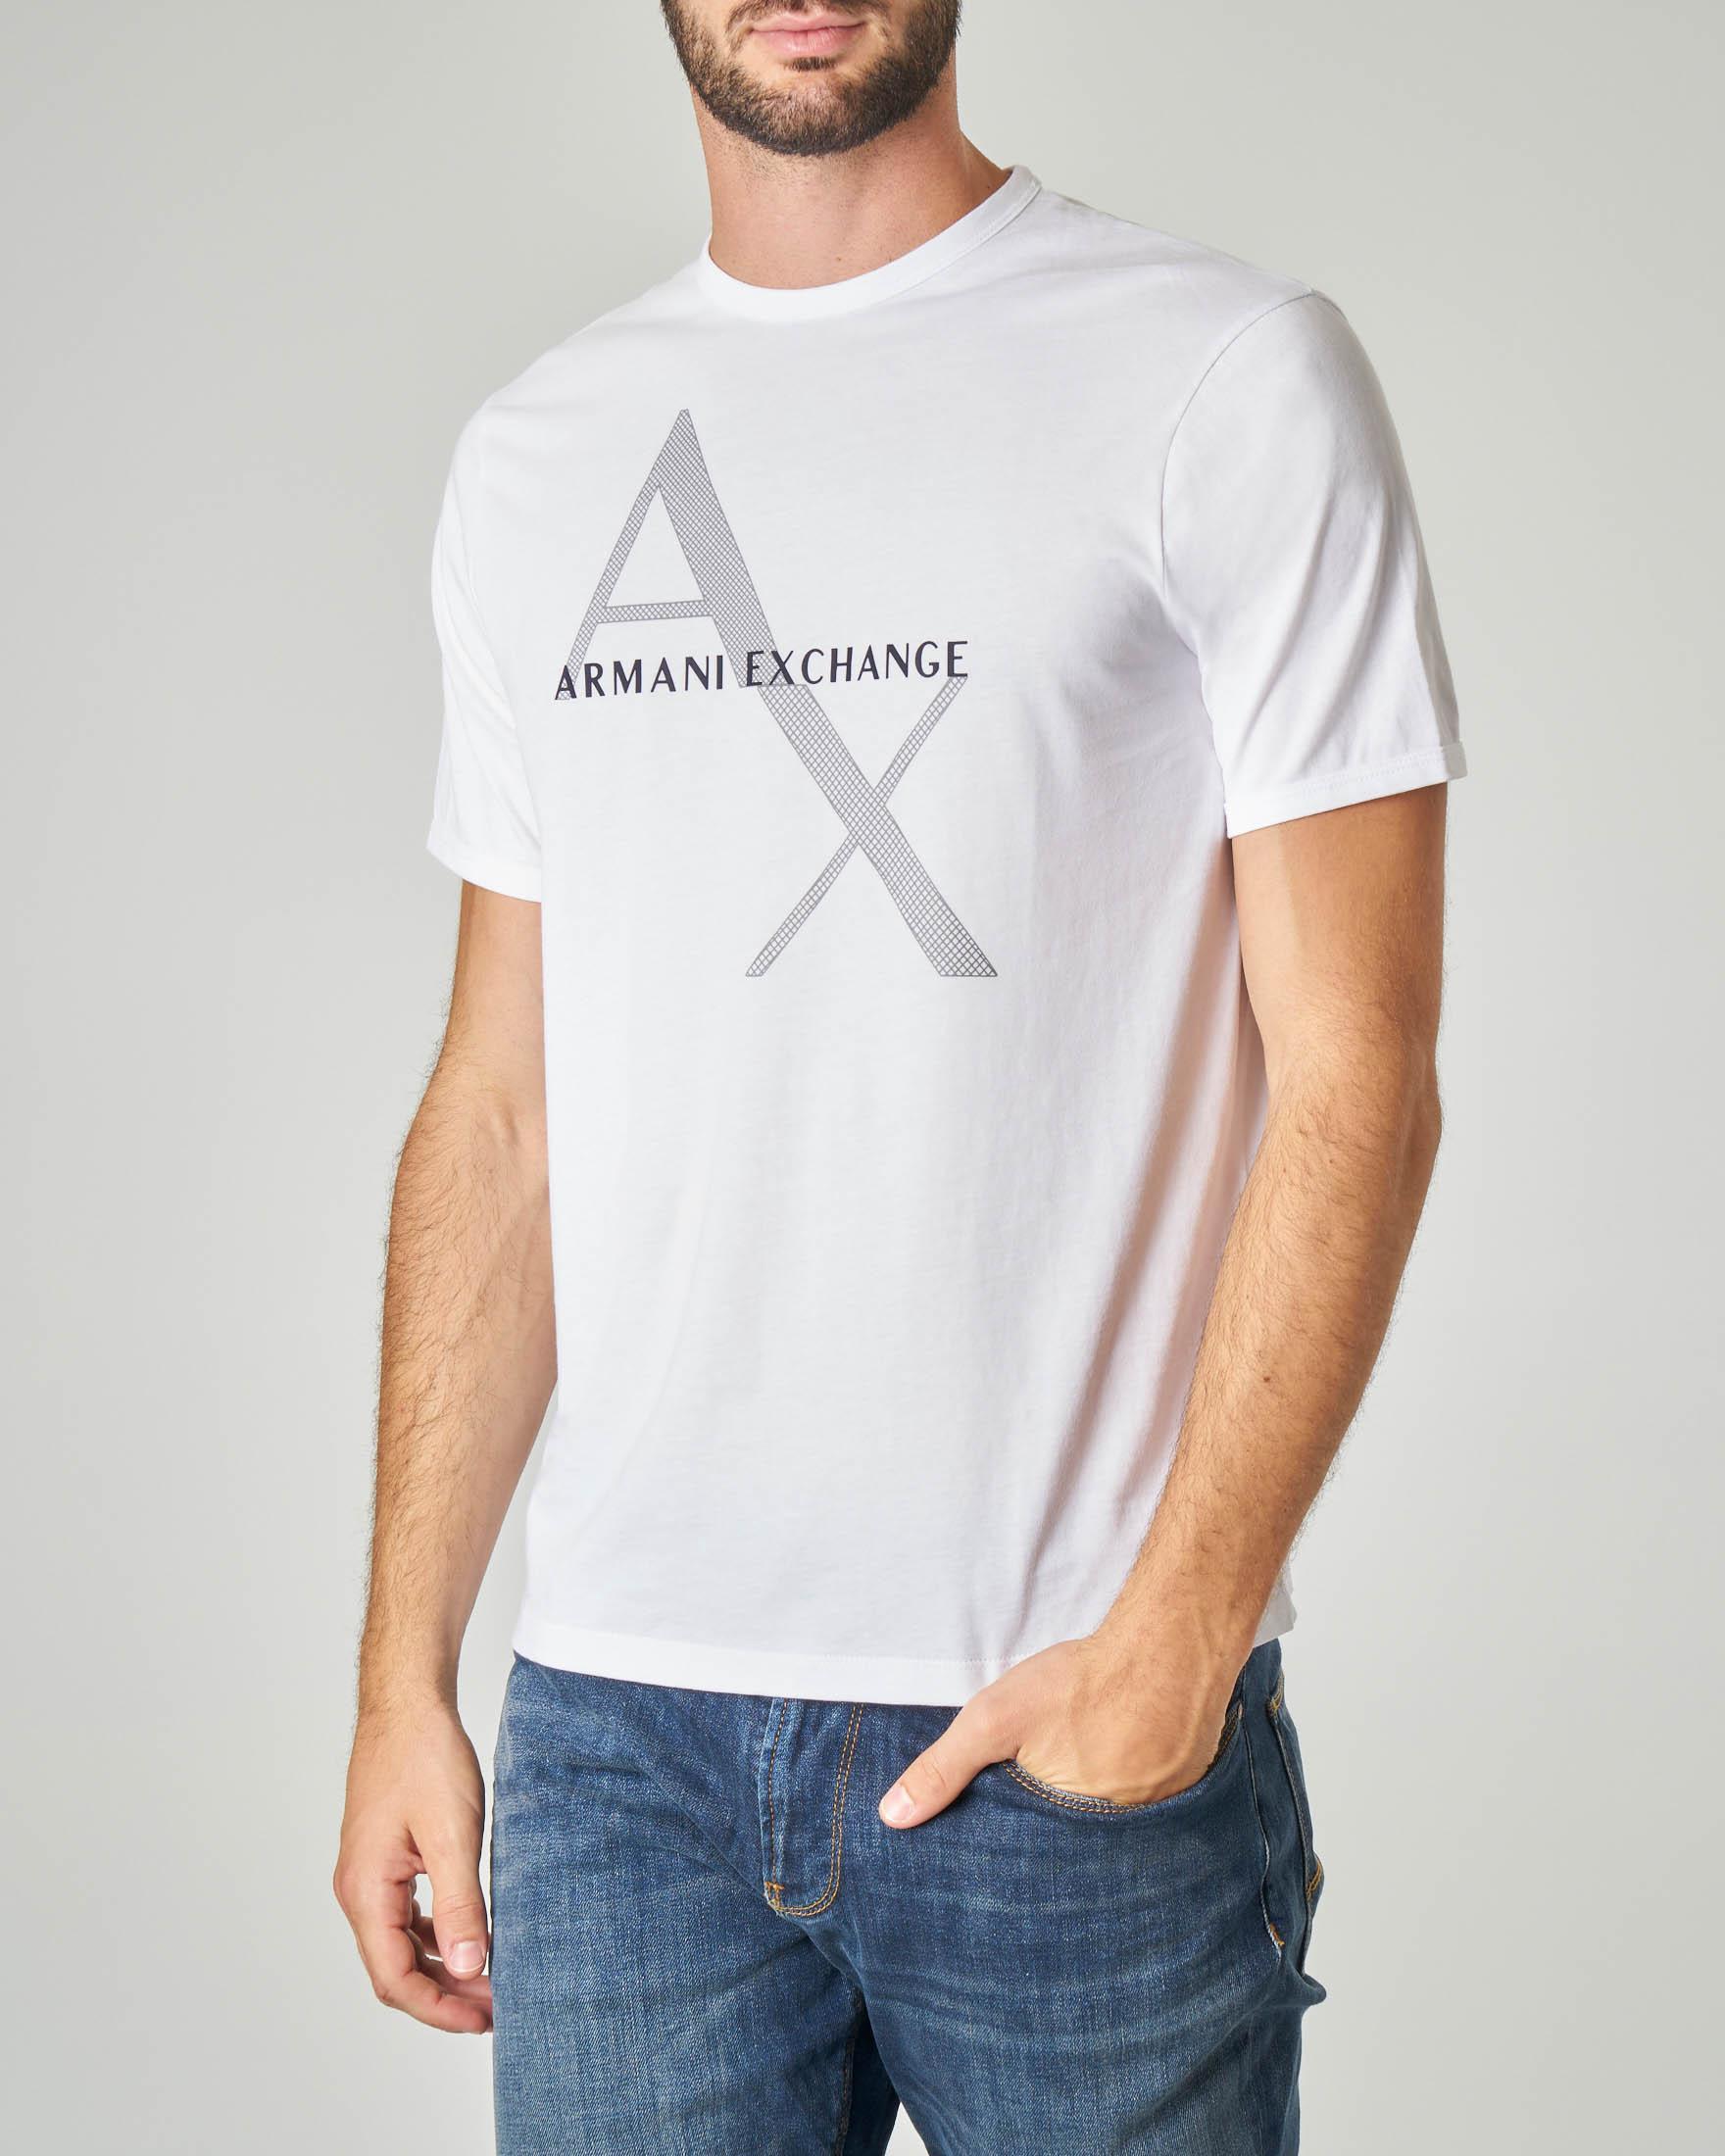 T-shirt bianca con stampa e logo gommato